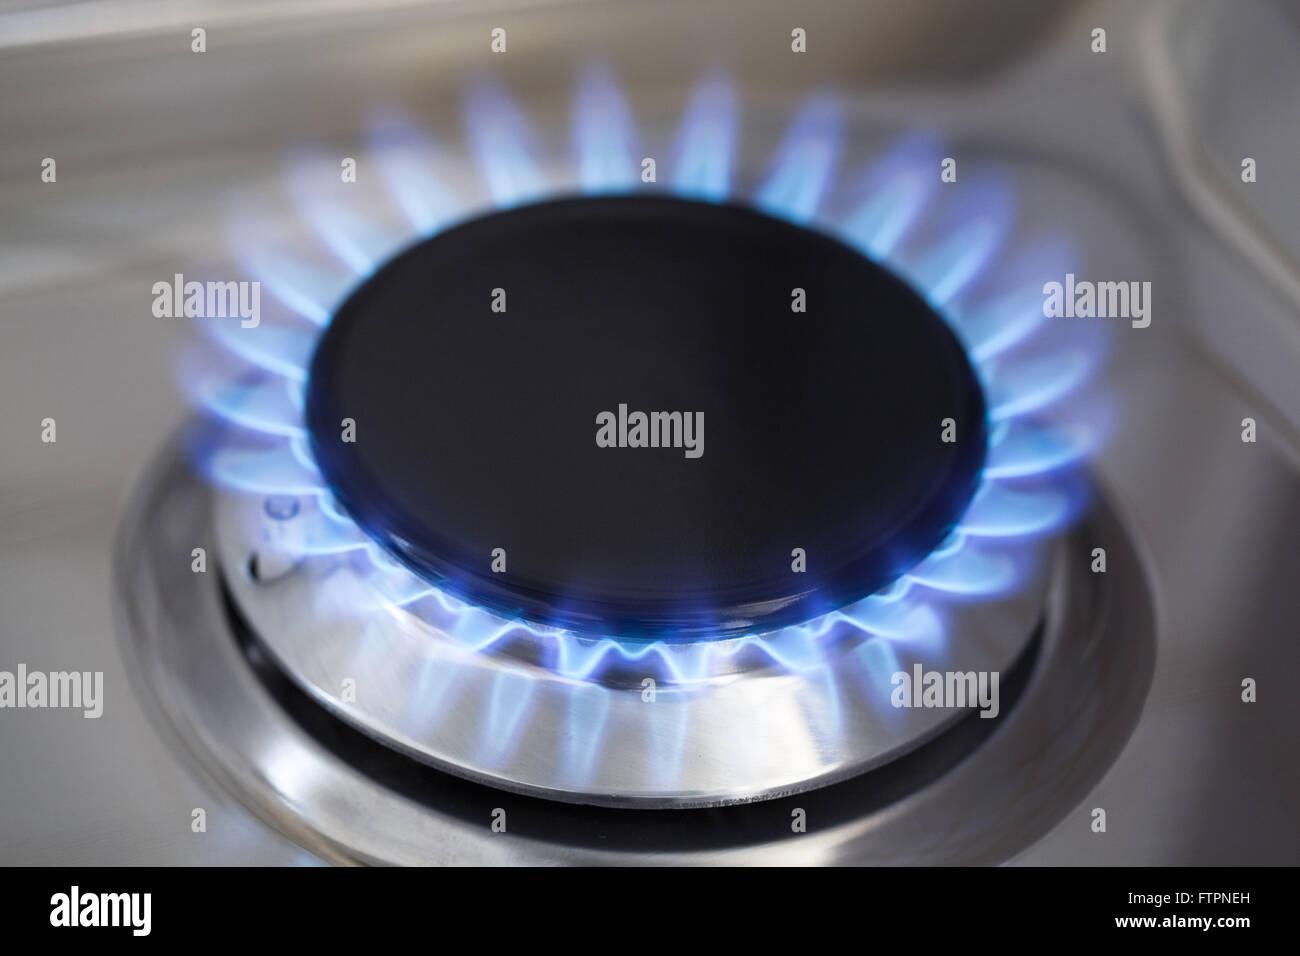 Flame burner gas stove - Stock Image